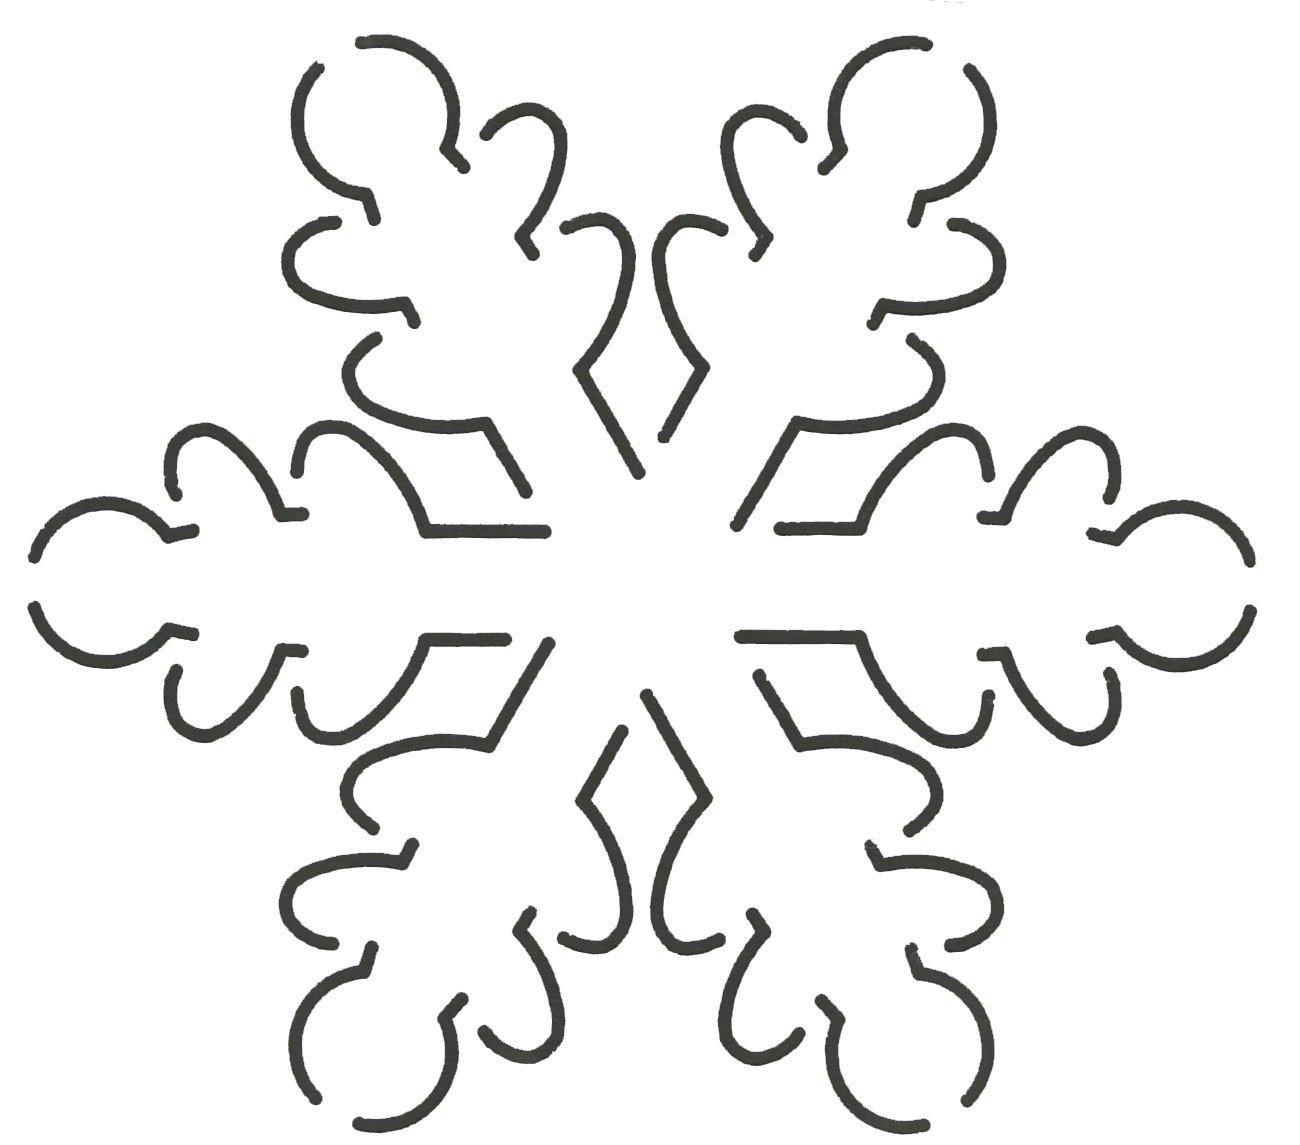 Quilting Creations EL2QC Snowflake Quilt Stencil, 5 x 5-1/2 5 x 5-1/2